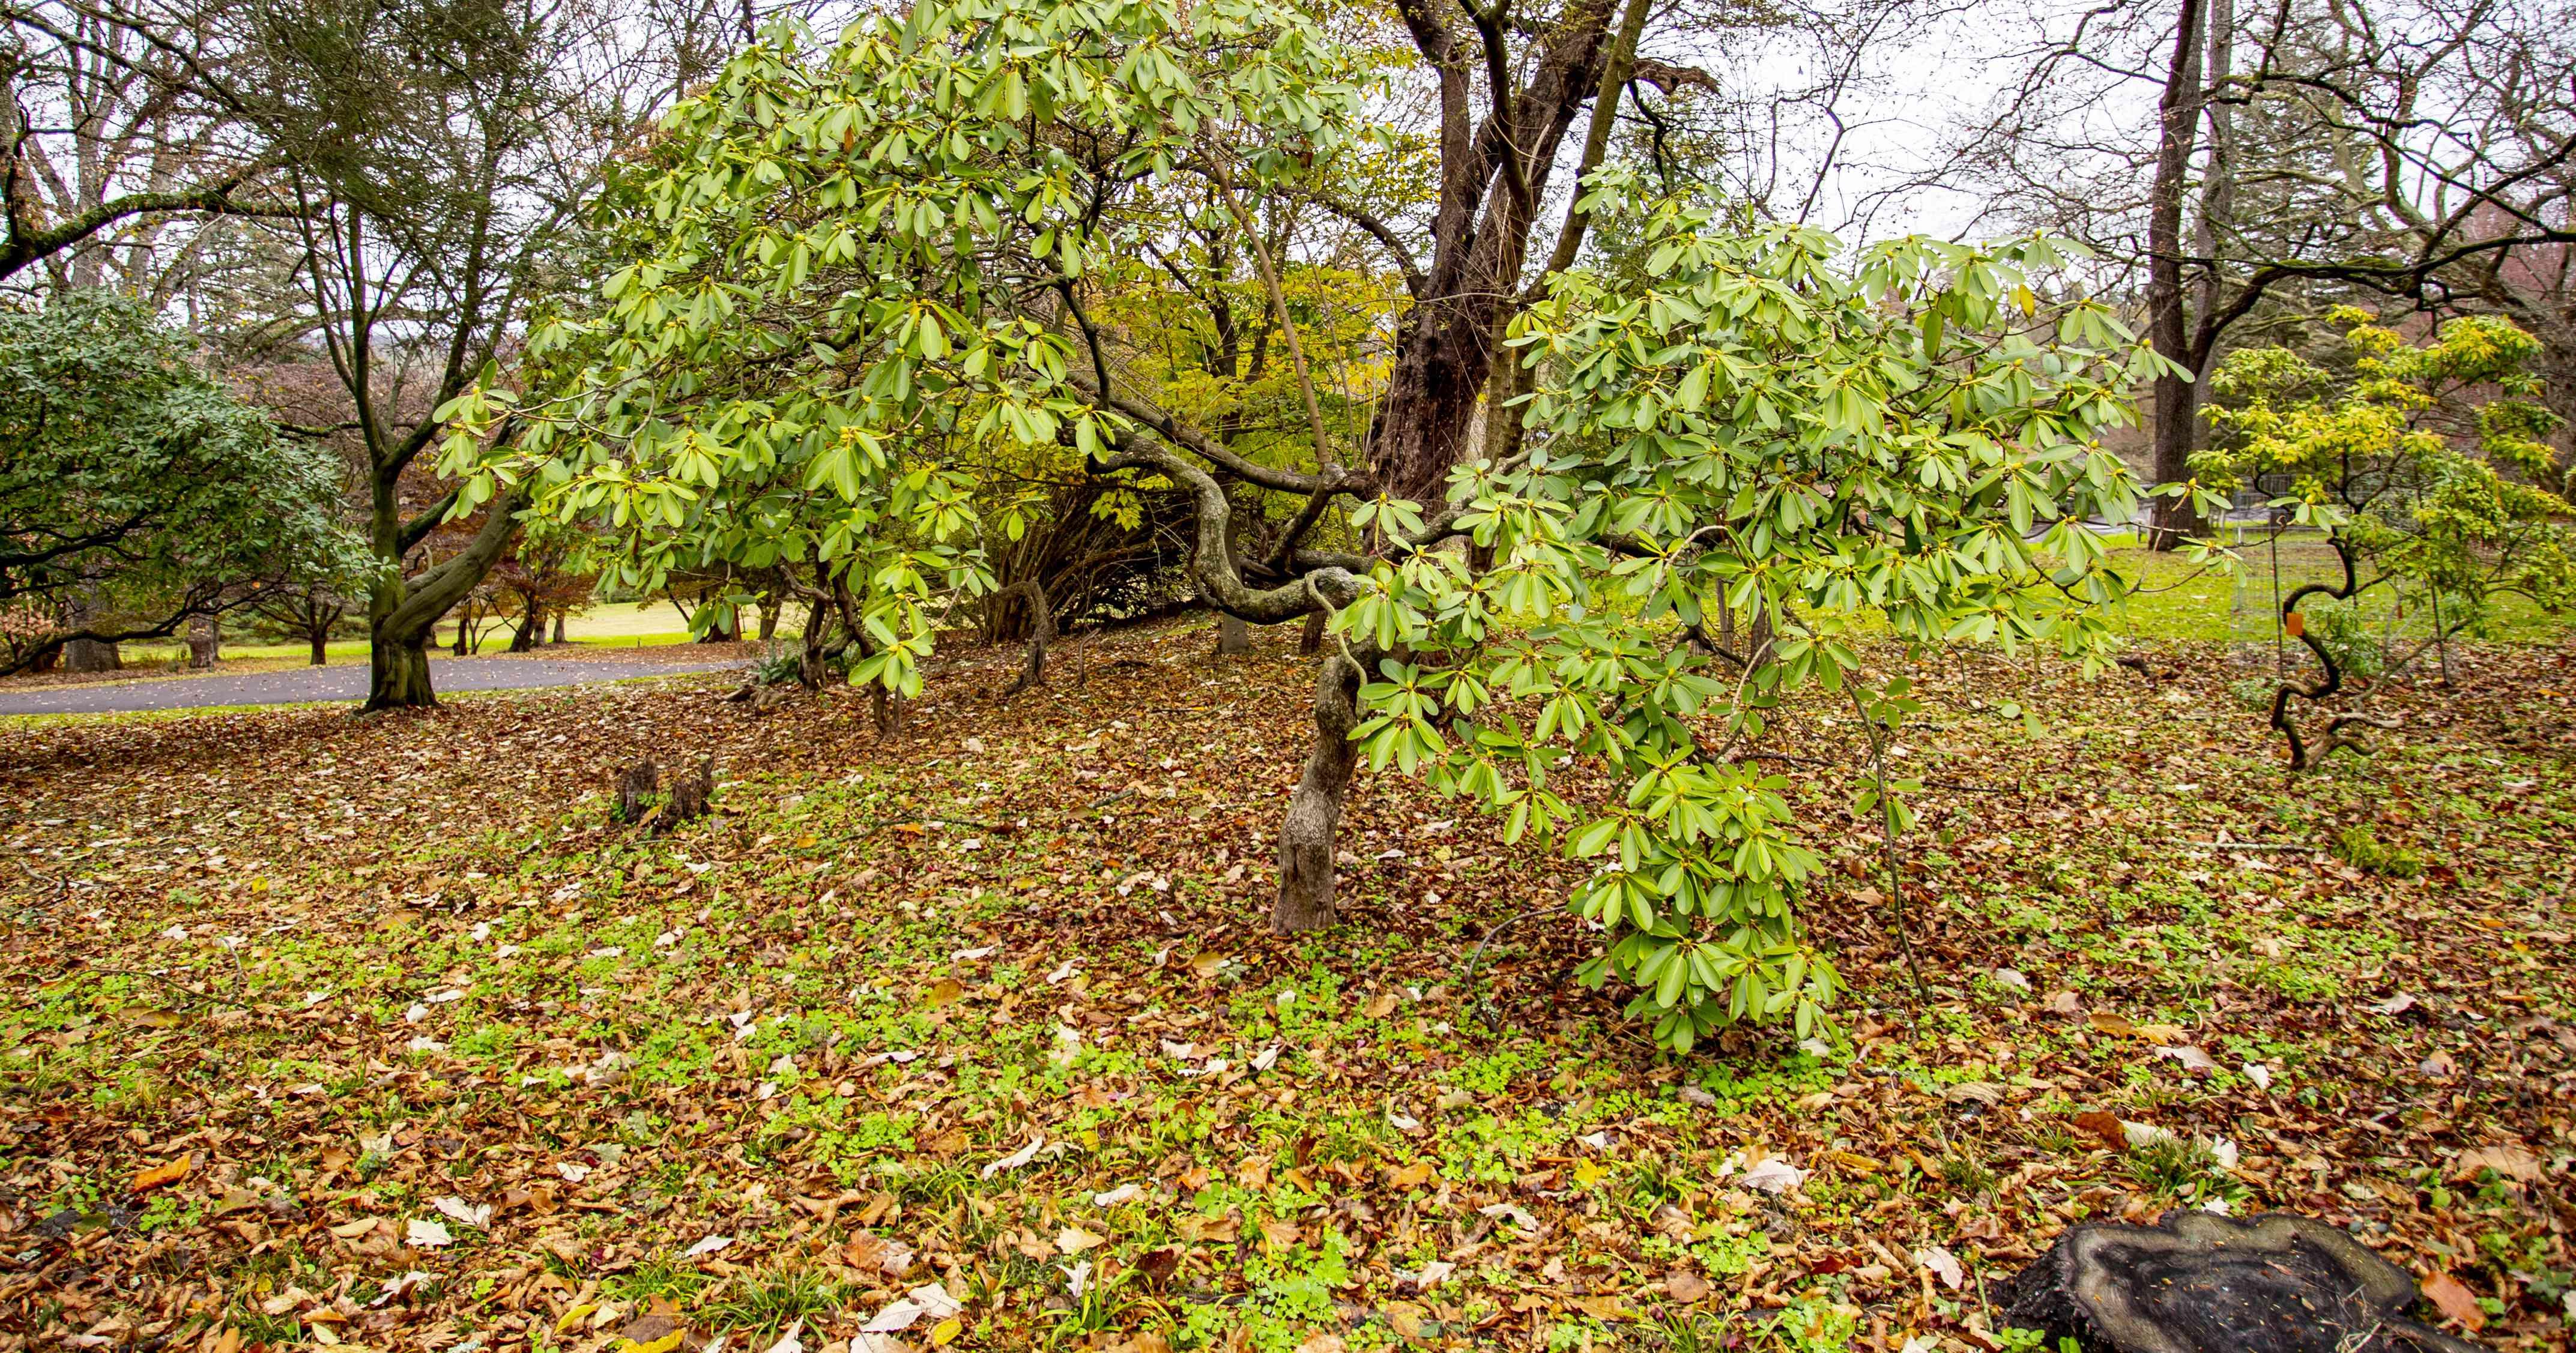 Morris Arboretum of the University of Pennsylvania